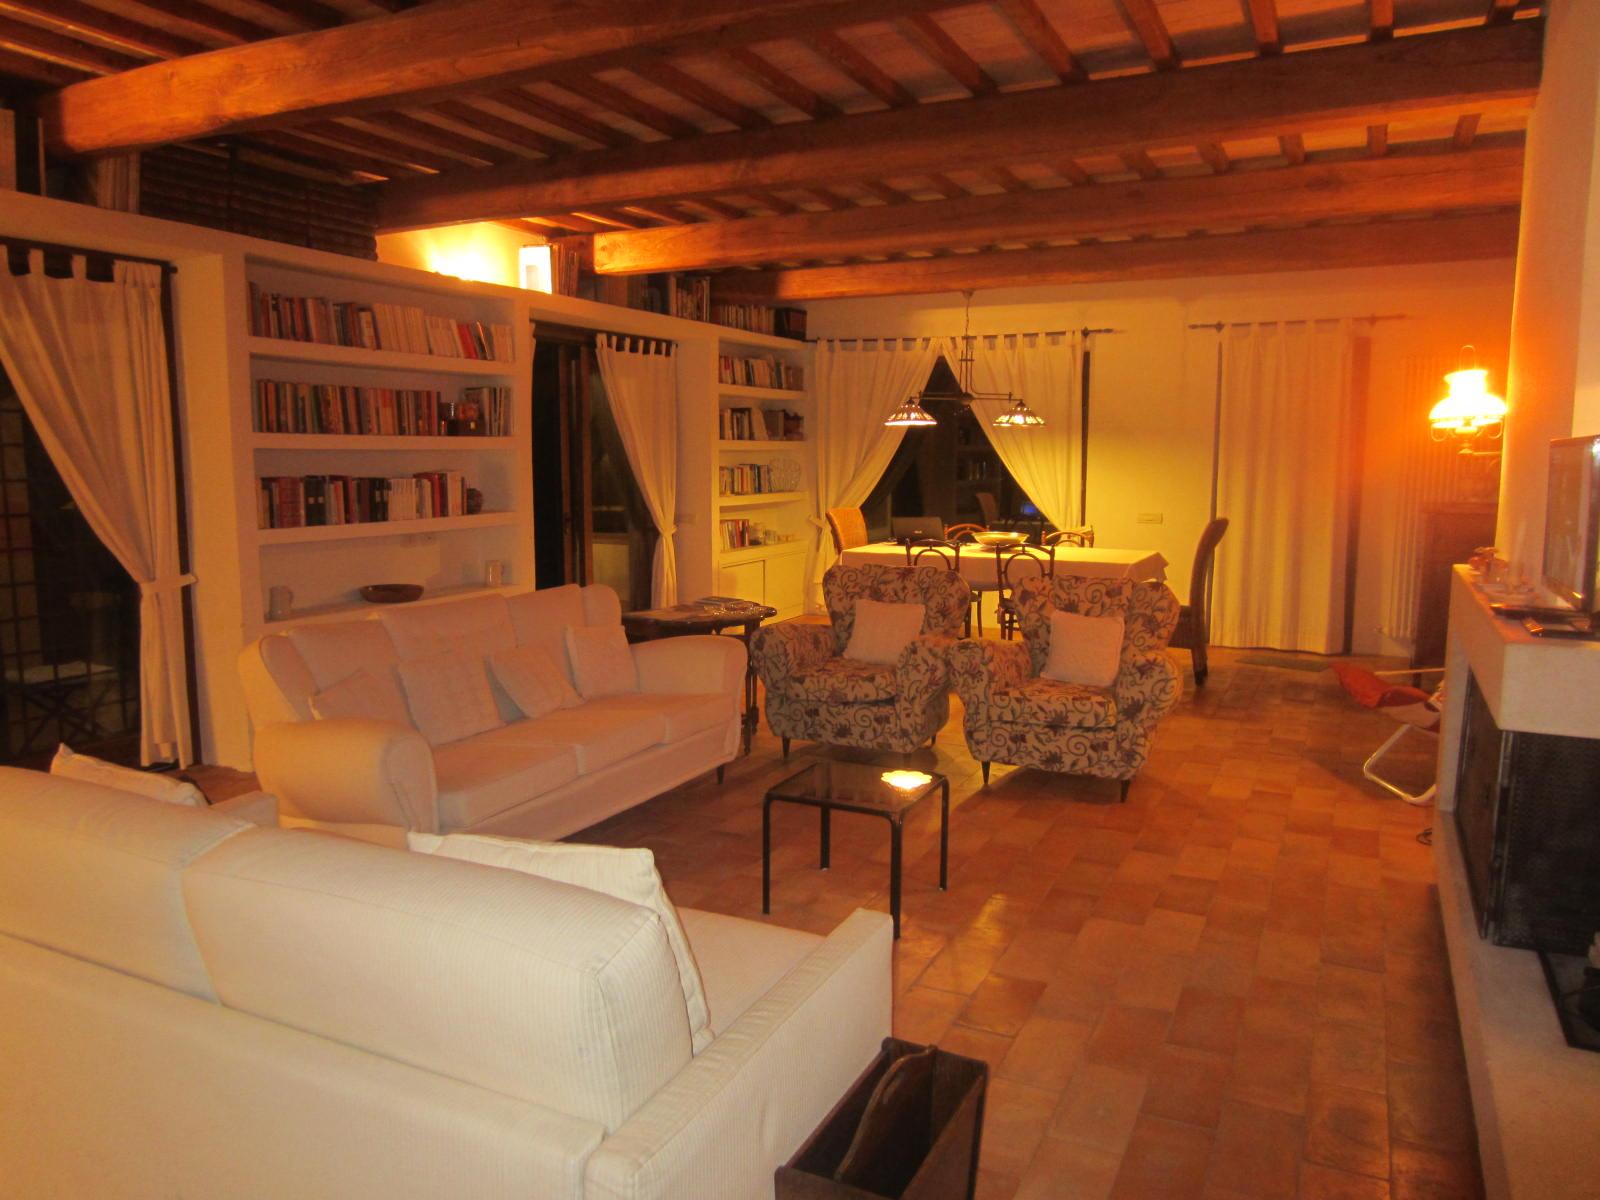 affitto villa campagna calvi dell umbria 8263 (20161106171125-2016-18706-NDP.JPG)